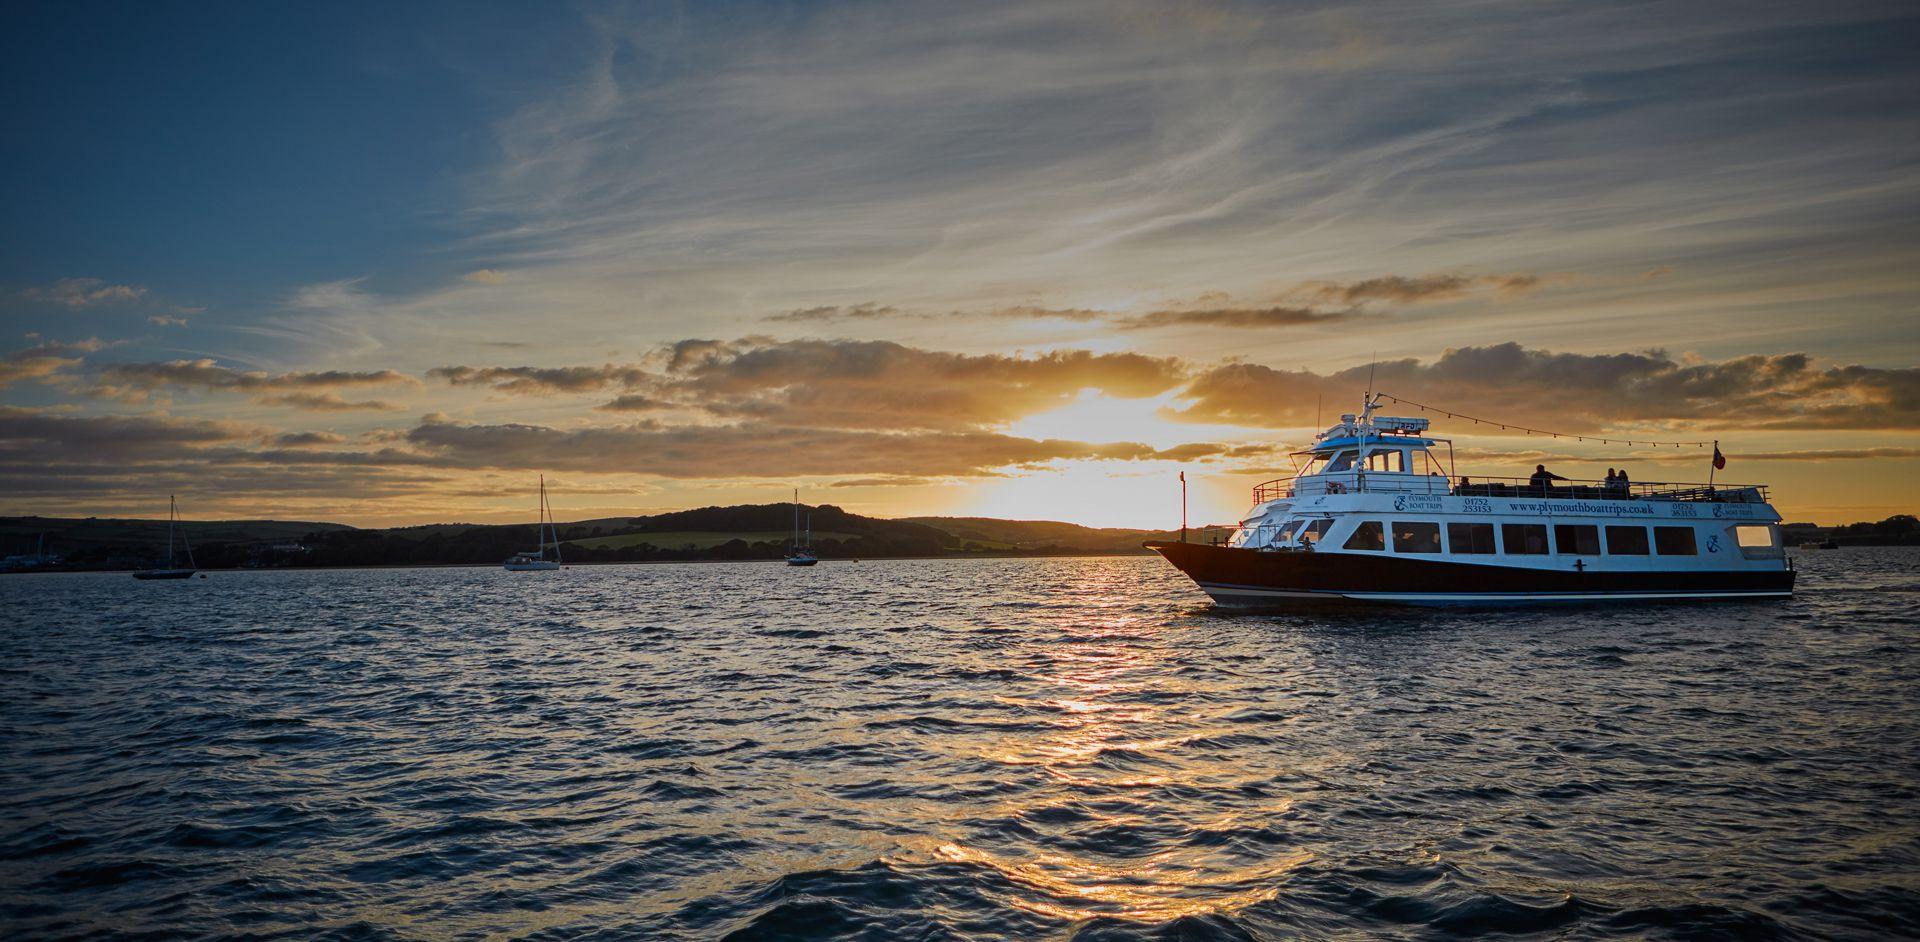 Sundowner Themed Cruise - Slide Two